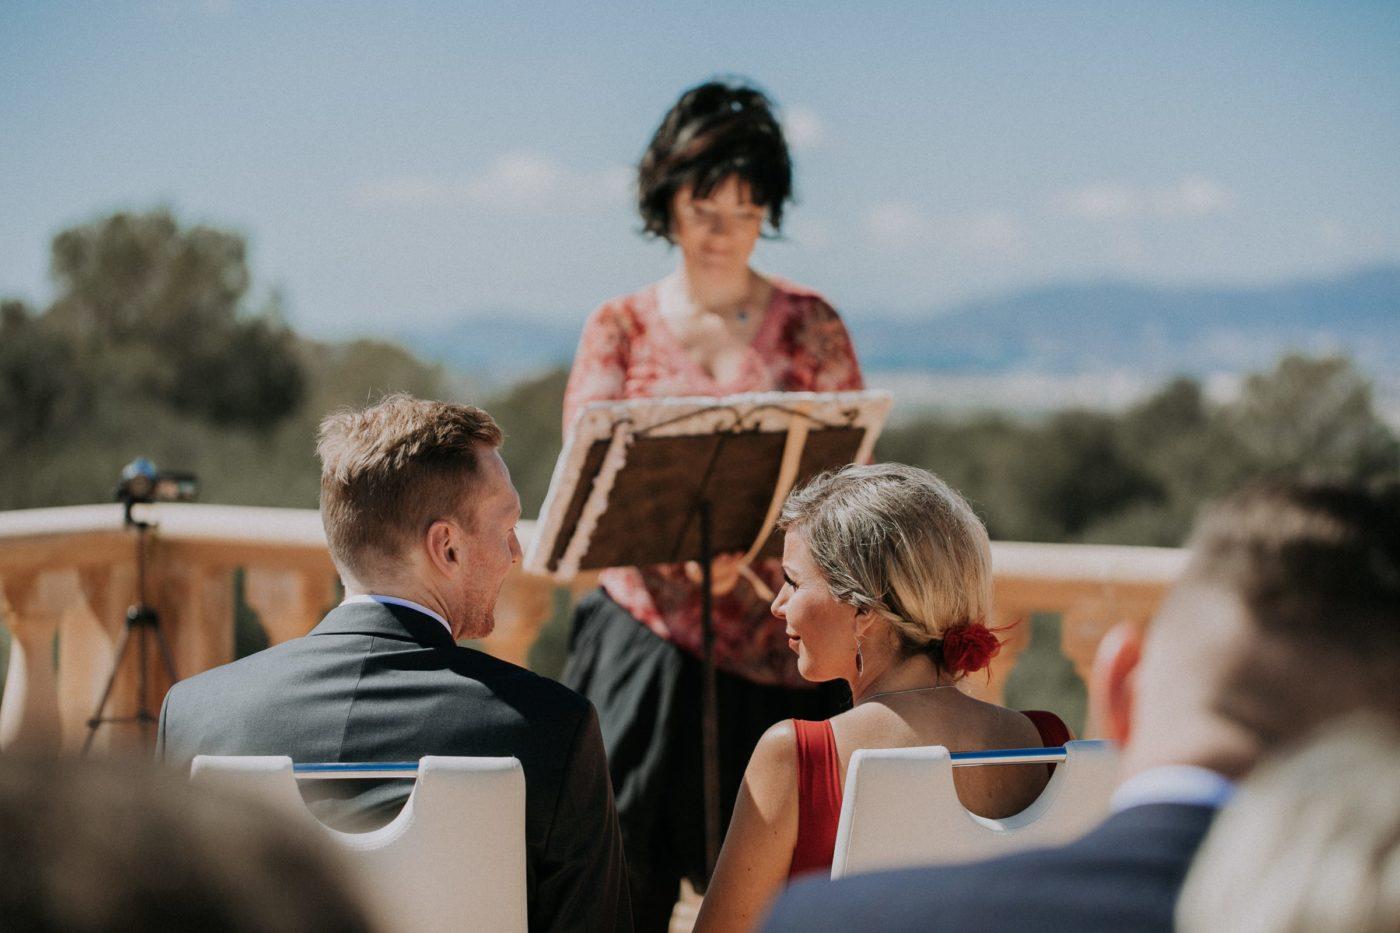 Das Brautpaar tausch intime und verliebte Blicke währen der Zeremonie miteinander aus.